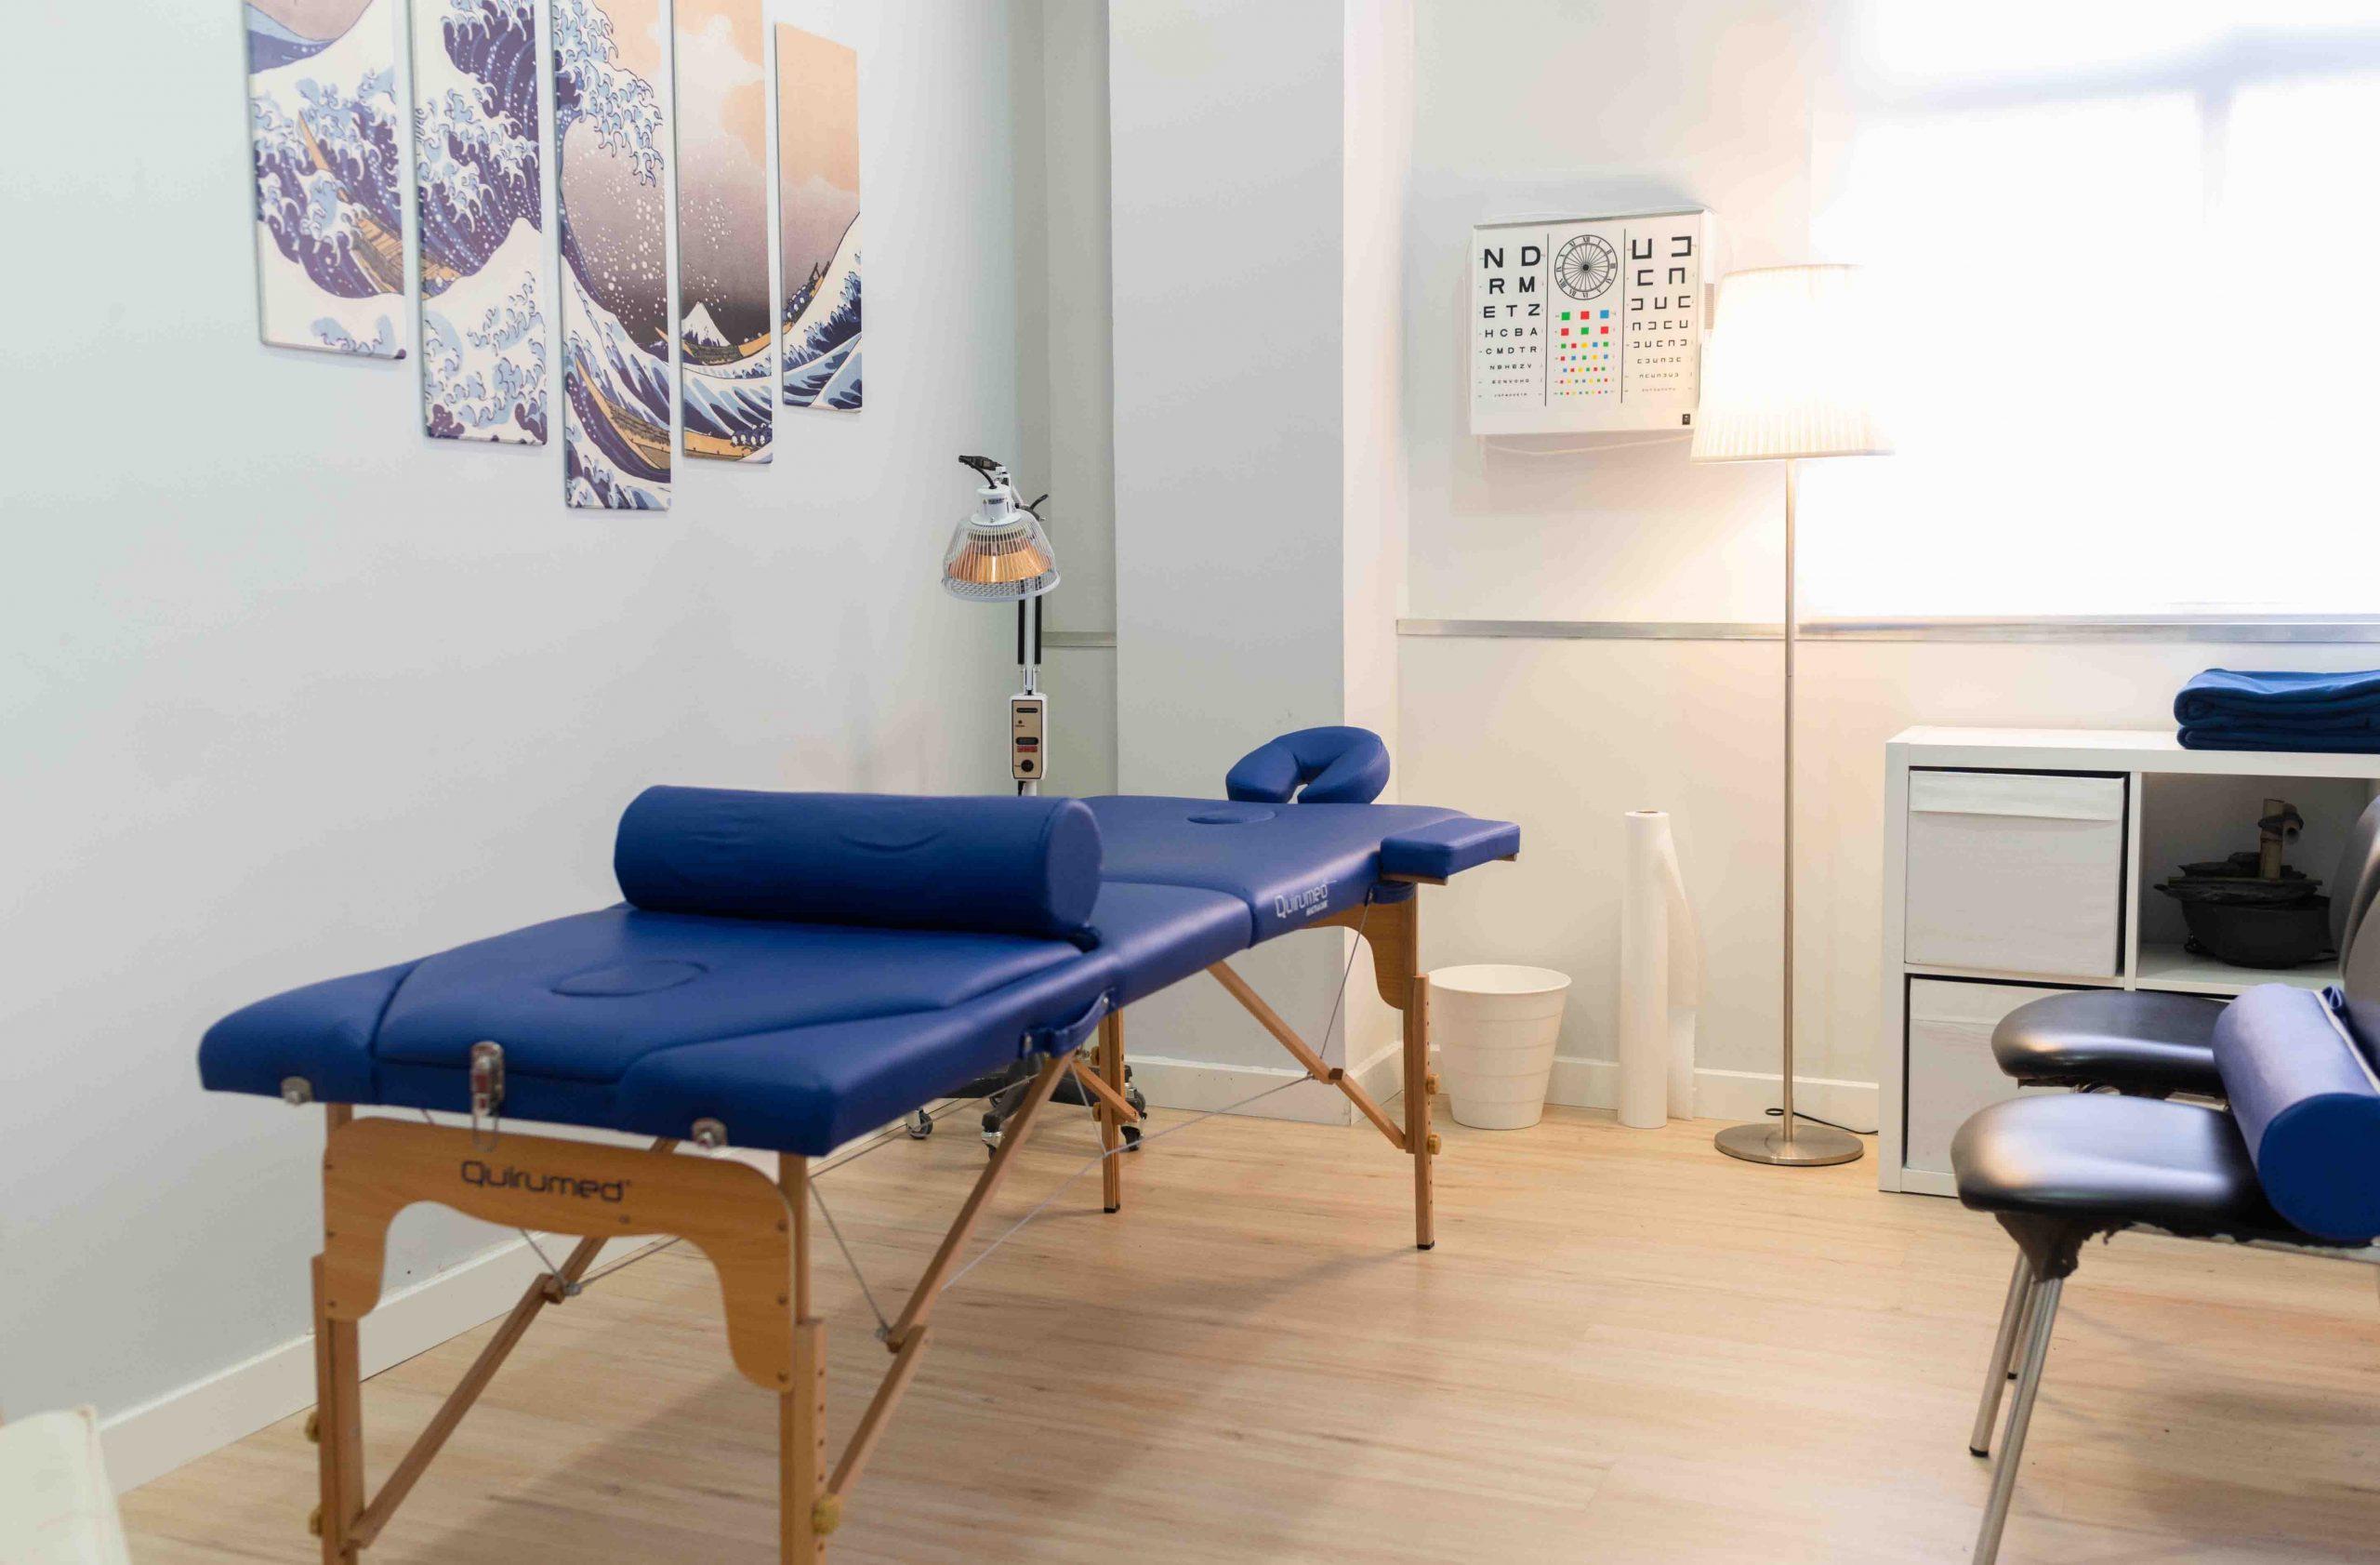 curso de acupuntura y medicina tradicional china 2020 madrid